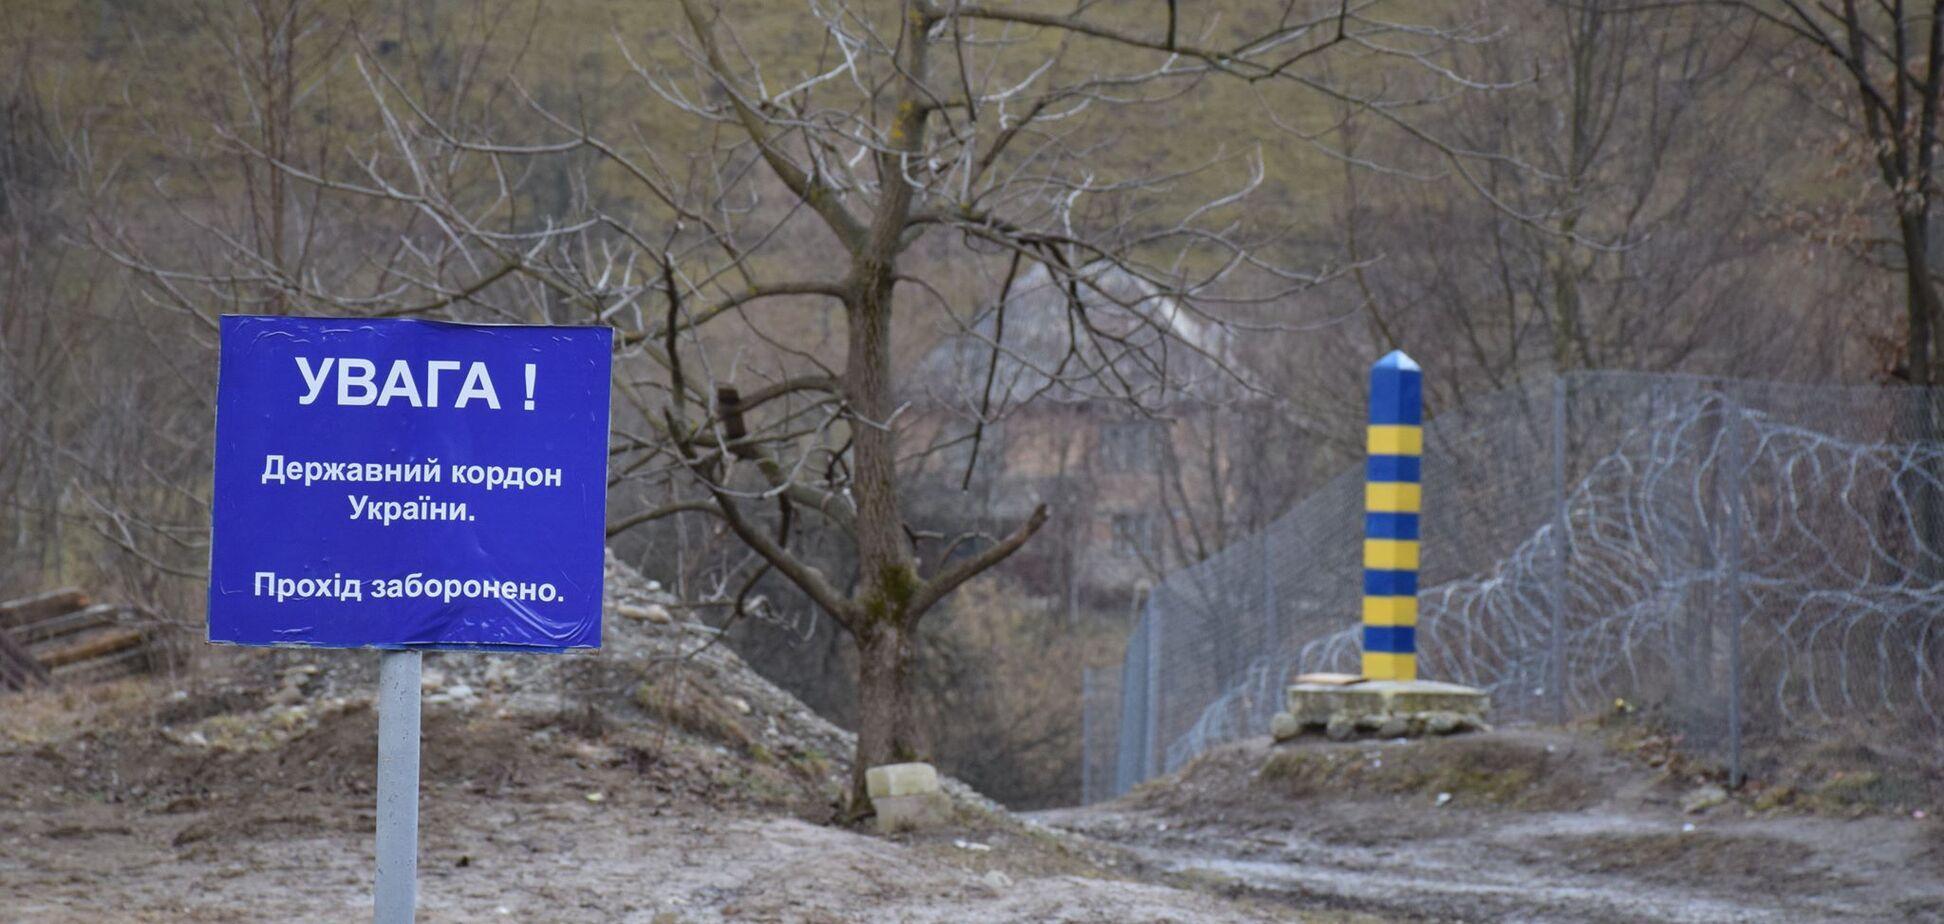 Пьяные контрабандисты на внедорожнике пытались 'прорваться' на границе с Венгрией. Видео